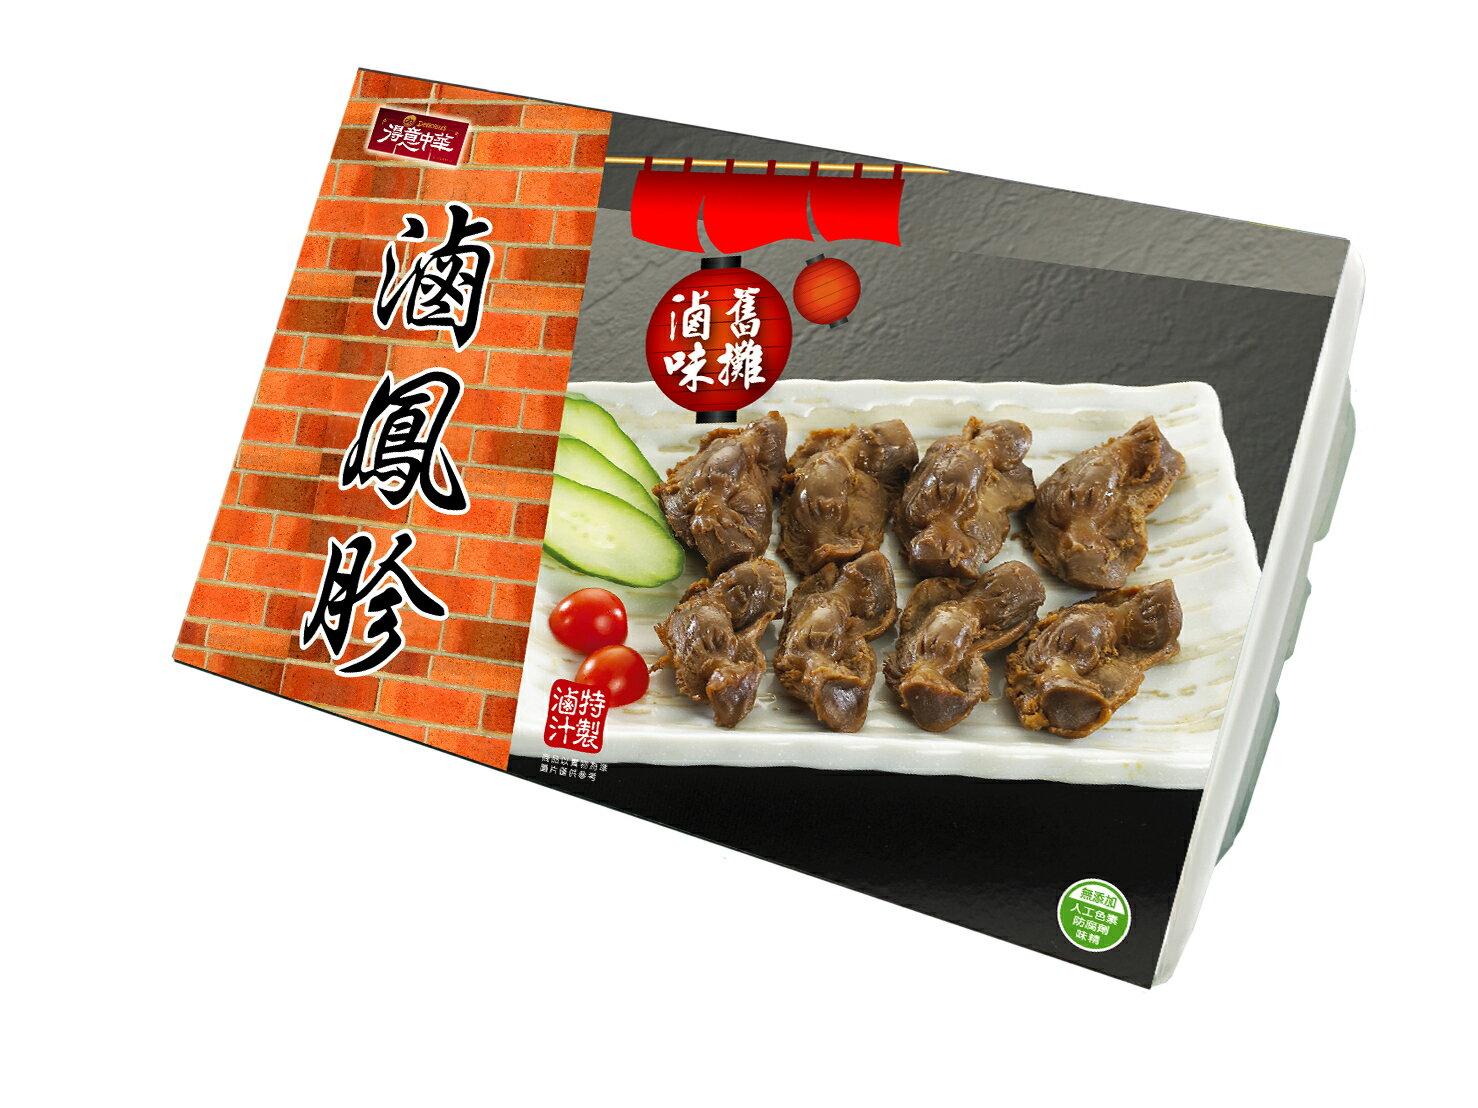 台式滷味滷鳳胗*得意中華舊攤滷味系列 0